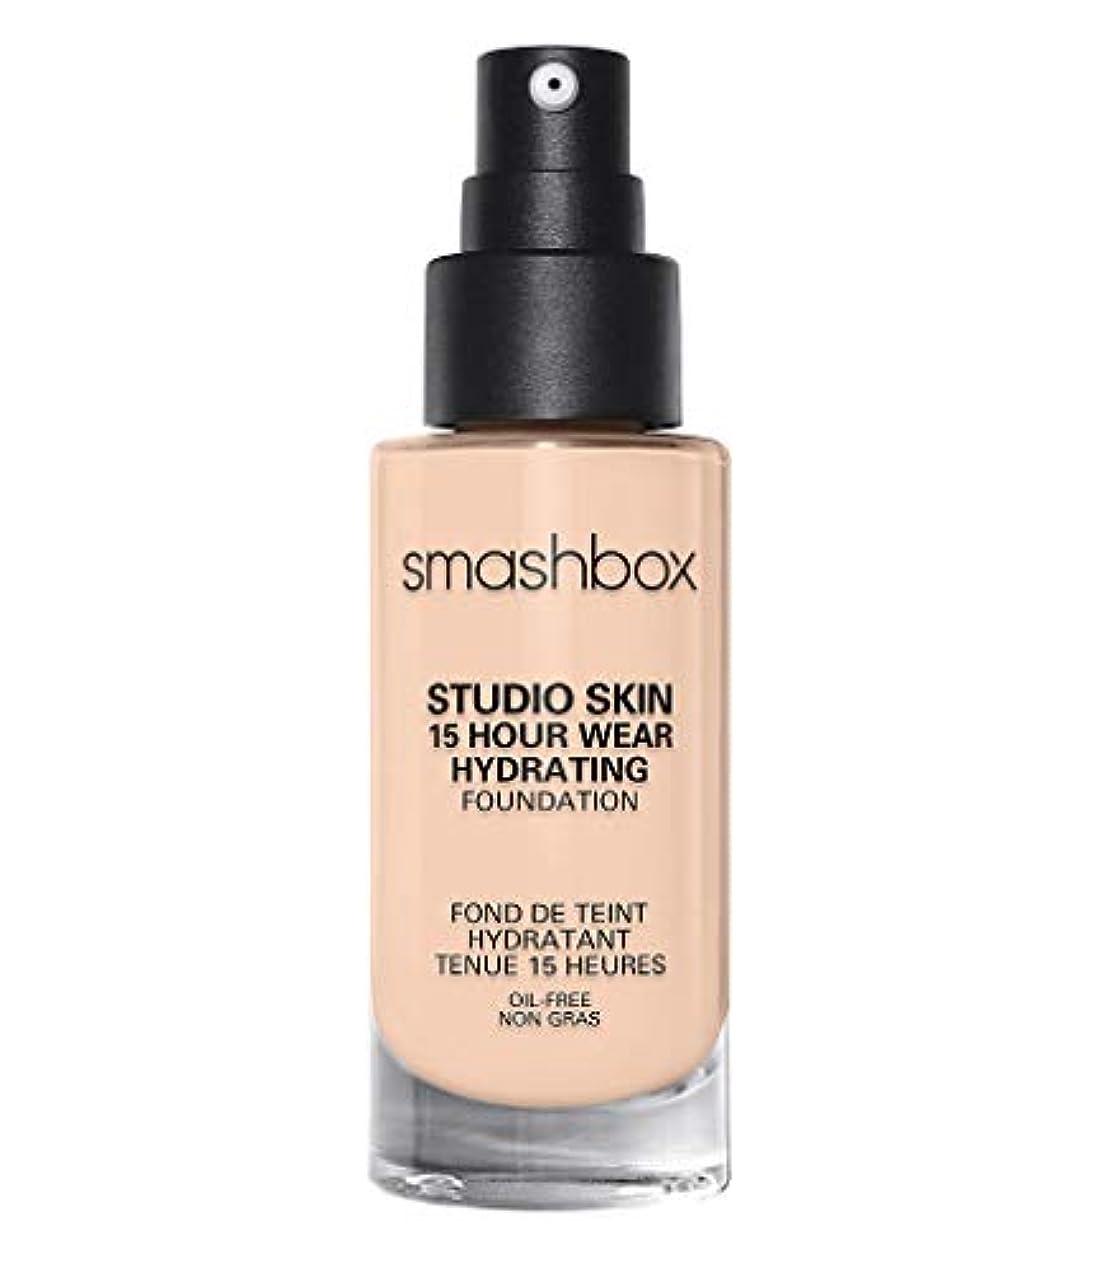 角度信じられない敬礼スマッシュボックス Studio Skin 15 Hour Wear Hydrating Foundation - # 0.3 Fair With Neutral Undertone 30ml/1oz並行輸入品